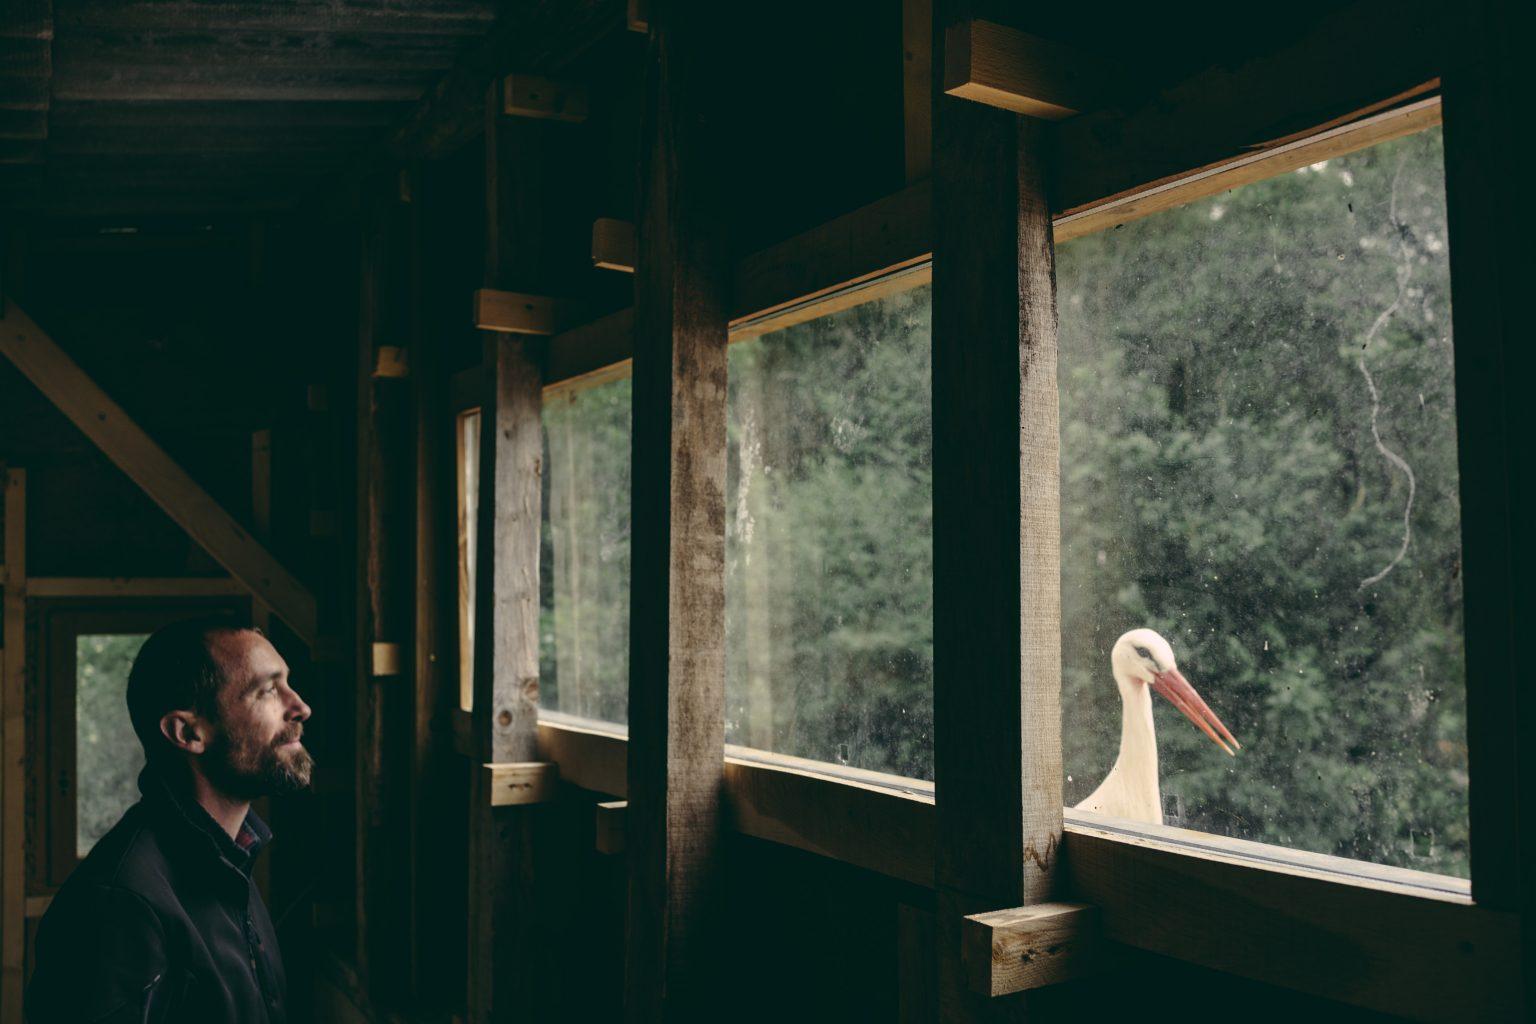 Valdivienne, France, May 2019 - Tristan Plot and the stork Mildred look at each other through the windows of Tristan's future bedroom in the new house still under construction. Tristan has designed the roof so that it can be seen from the room, and has placed Mildred's nesting platform next to the balcony. ><  Valdivienne, Francia, maggio 2019 - Tristan Plot e la cicogna Mildred si guardano l?un l?altro attraverso le finestre della futura camera da letto di Tristan, nella nuova casa ancora in costruzione. Tristan ha disegnato il tetto in modo che si possa vedere dalla stanza, ed ha posizionato la piattaforma per il nido di Mildred accanto al balcone.*** SPECIAL   FEE   APPLIES ***